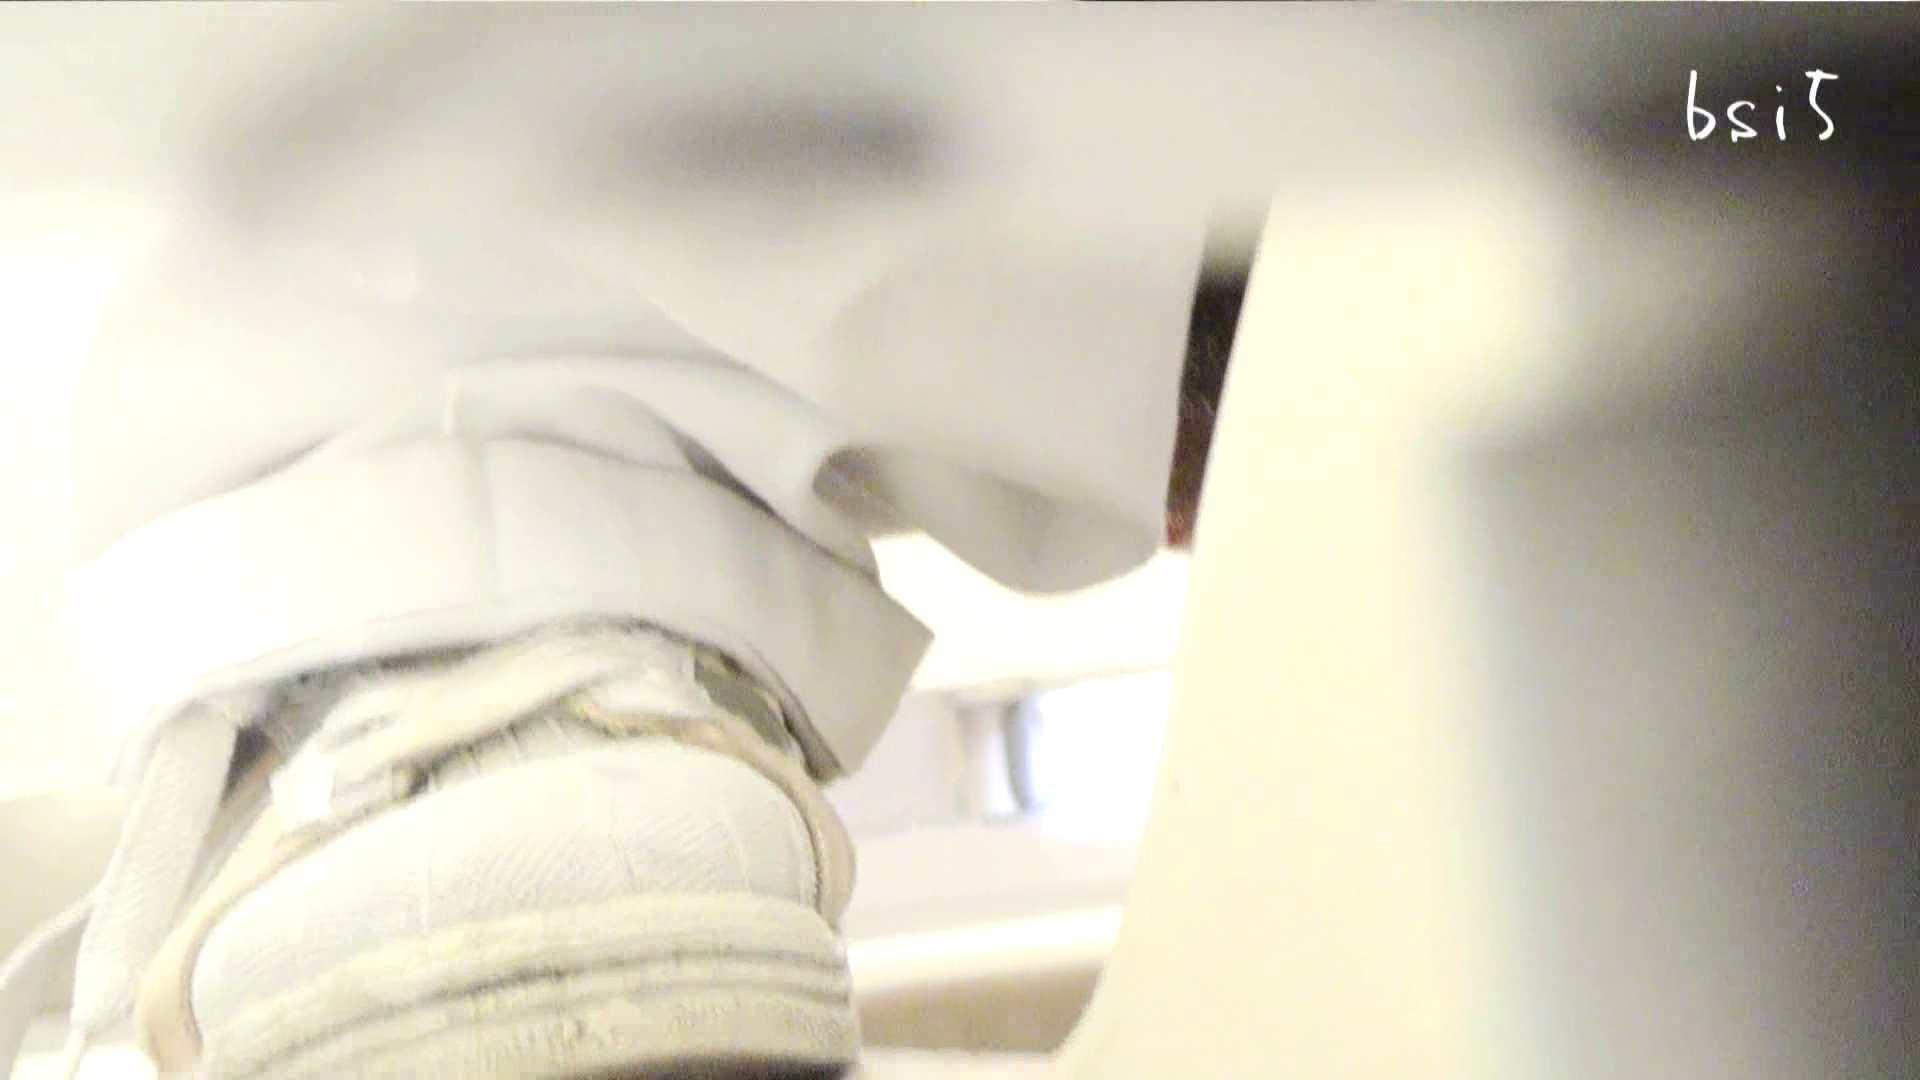 ナースのお小水 vol.005 ナースエロ画像 のぞき濡れ場動画紹介 58PICs 23